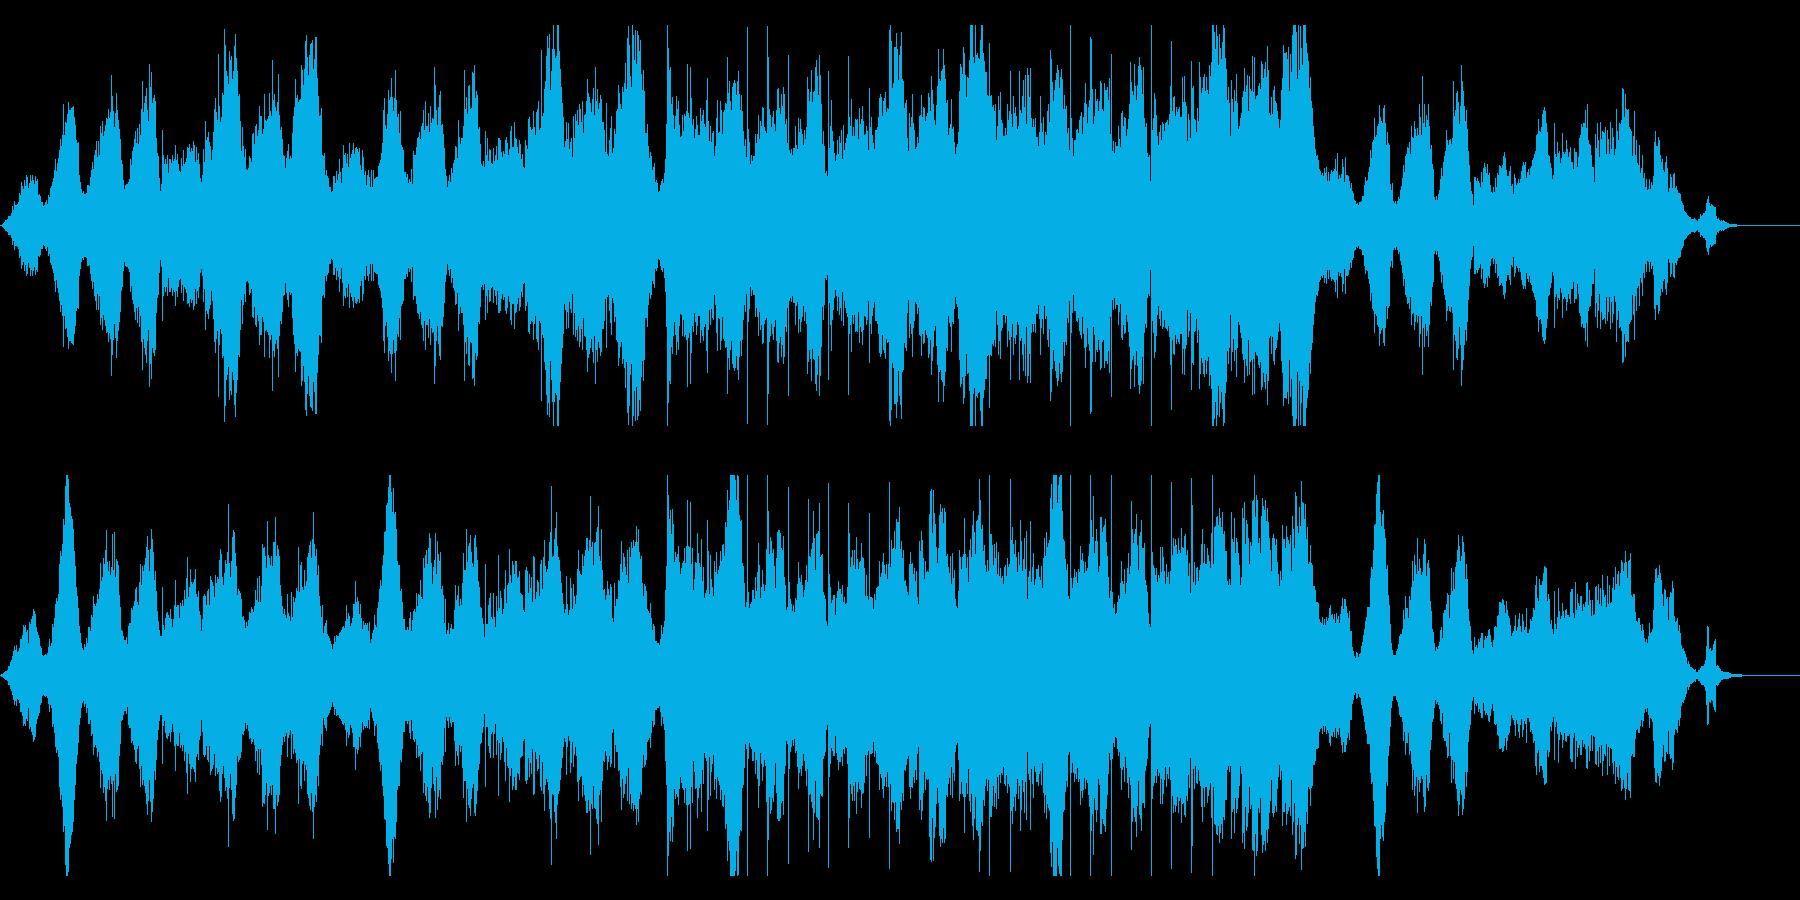 映画エクスマキナの世界を彷彿とさせる曲の再生済みの波形